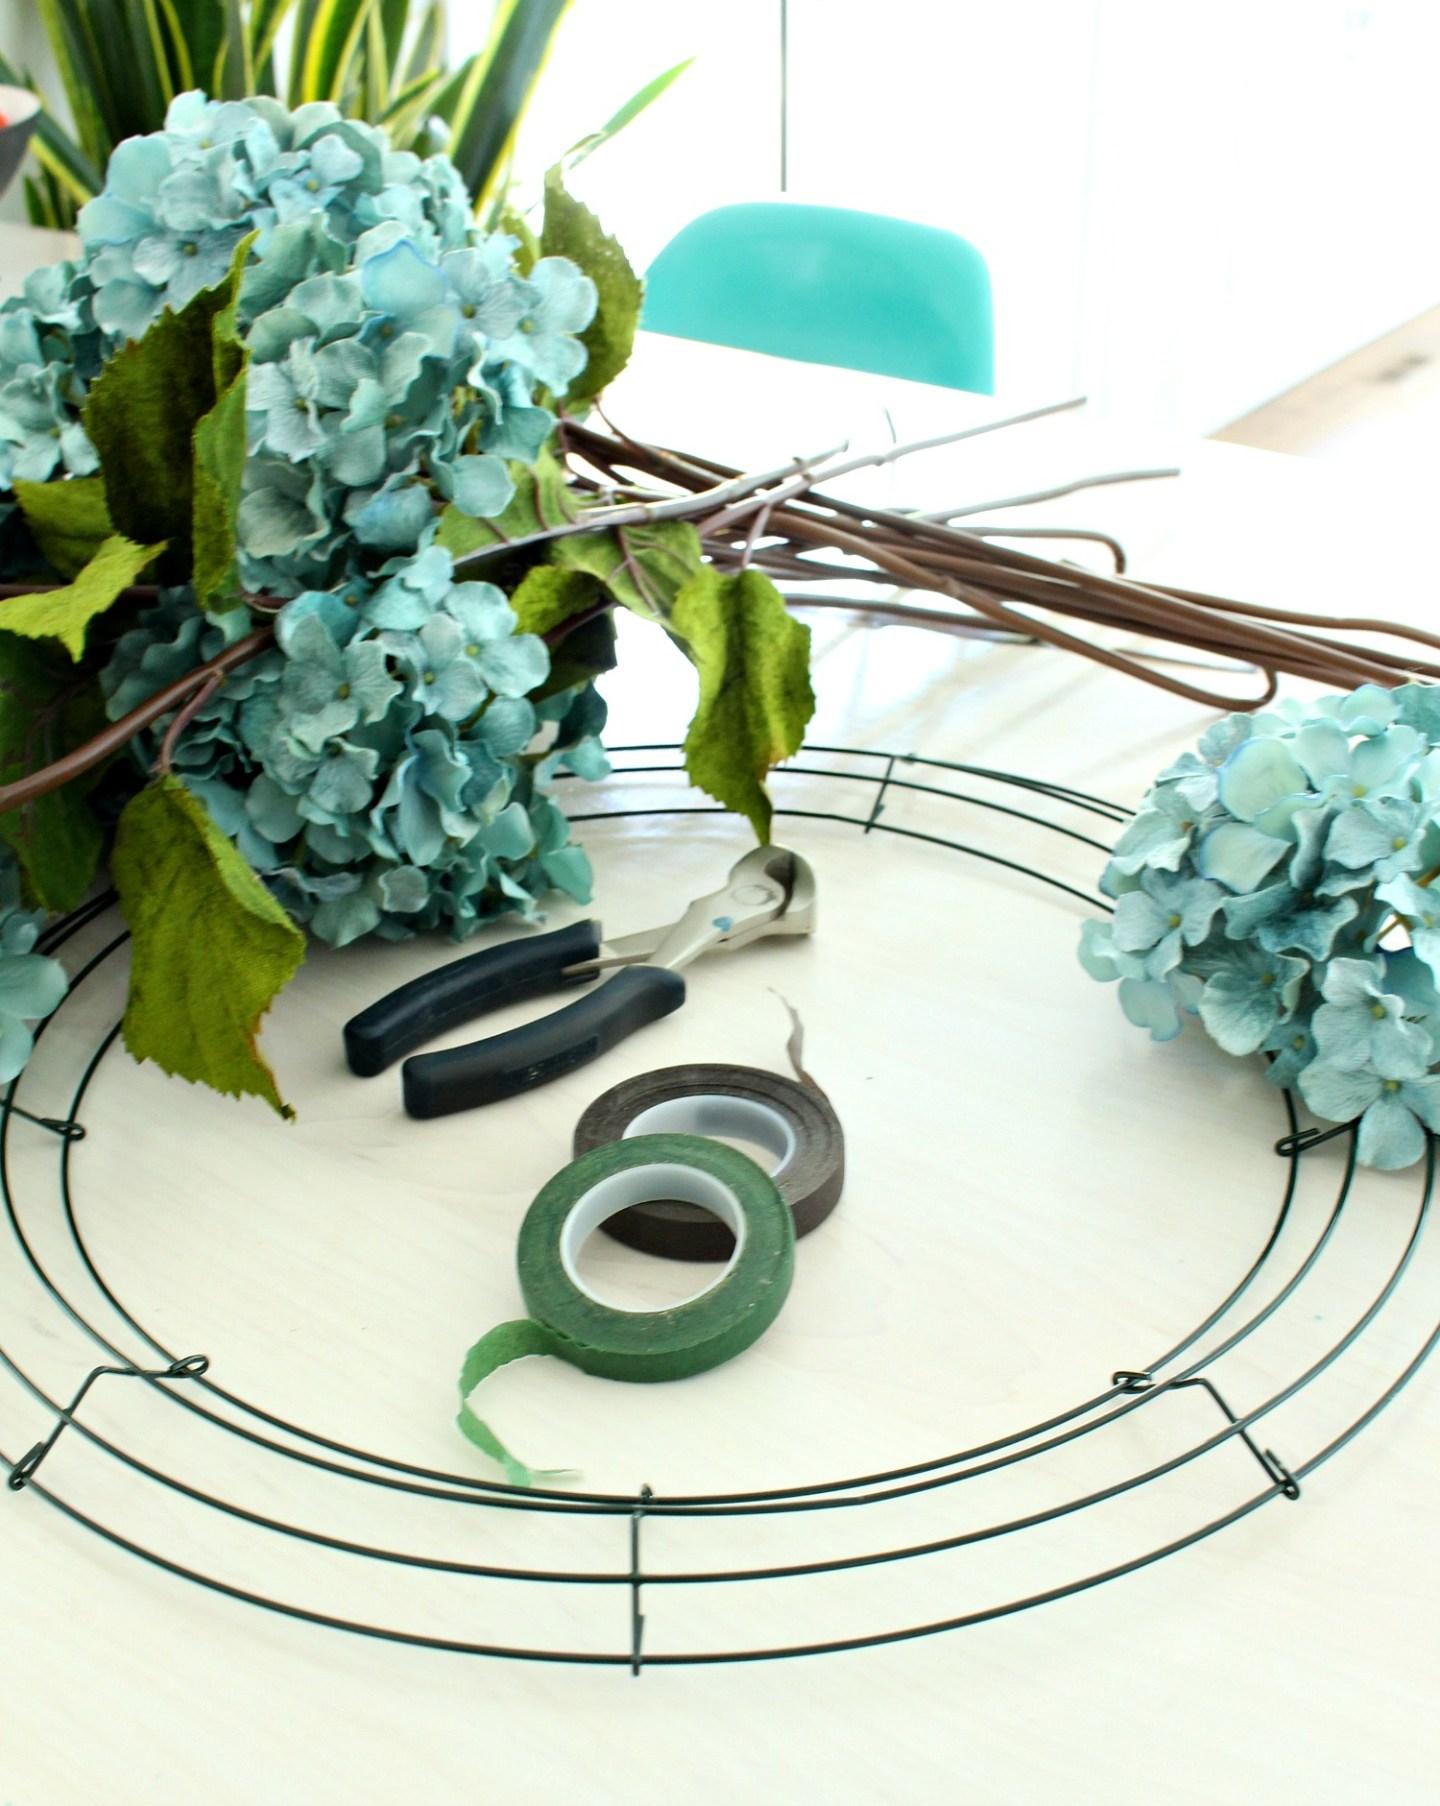 Easy DIY Hydrangea Wreath | How to Make a Hydrangea Wreath for Summer